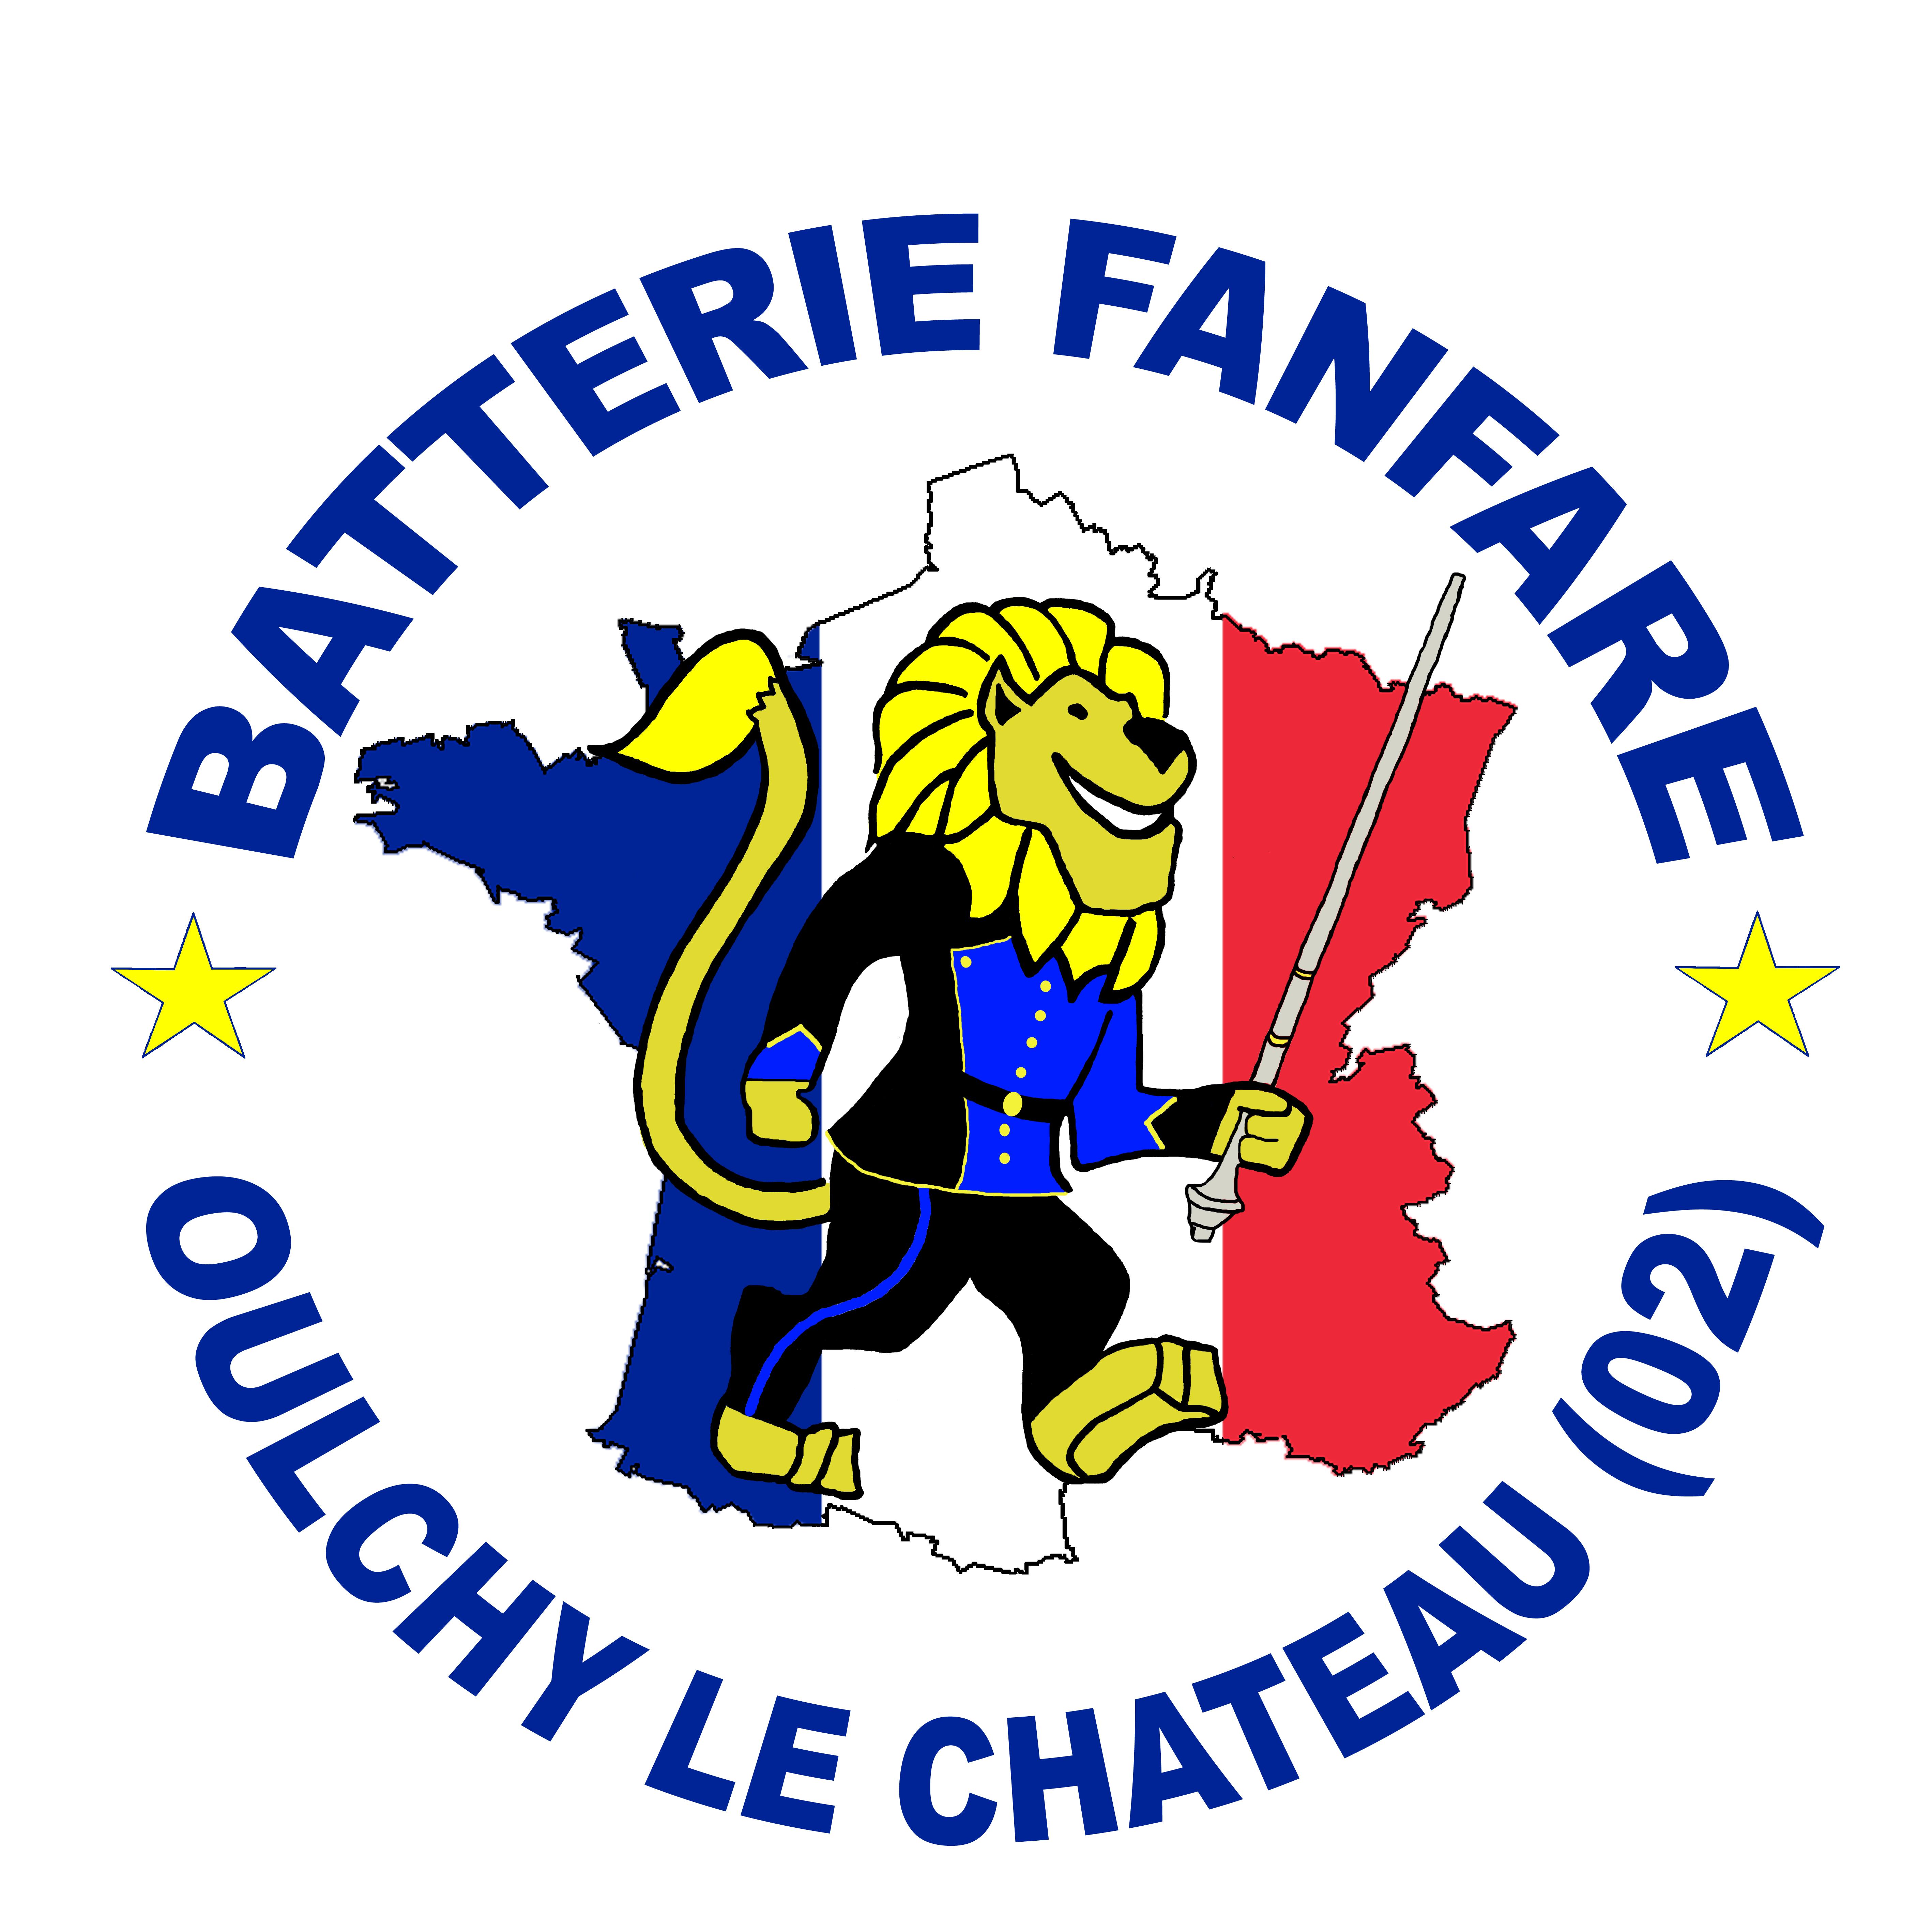 Batterie-fanfare d'oulchy-le-chateau